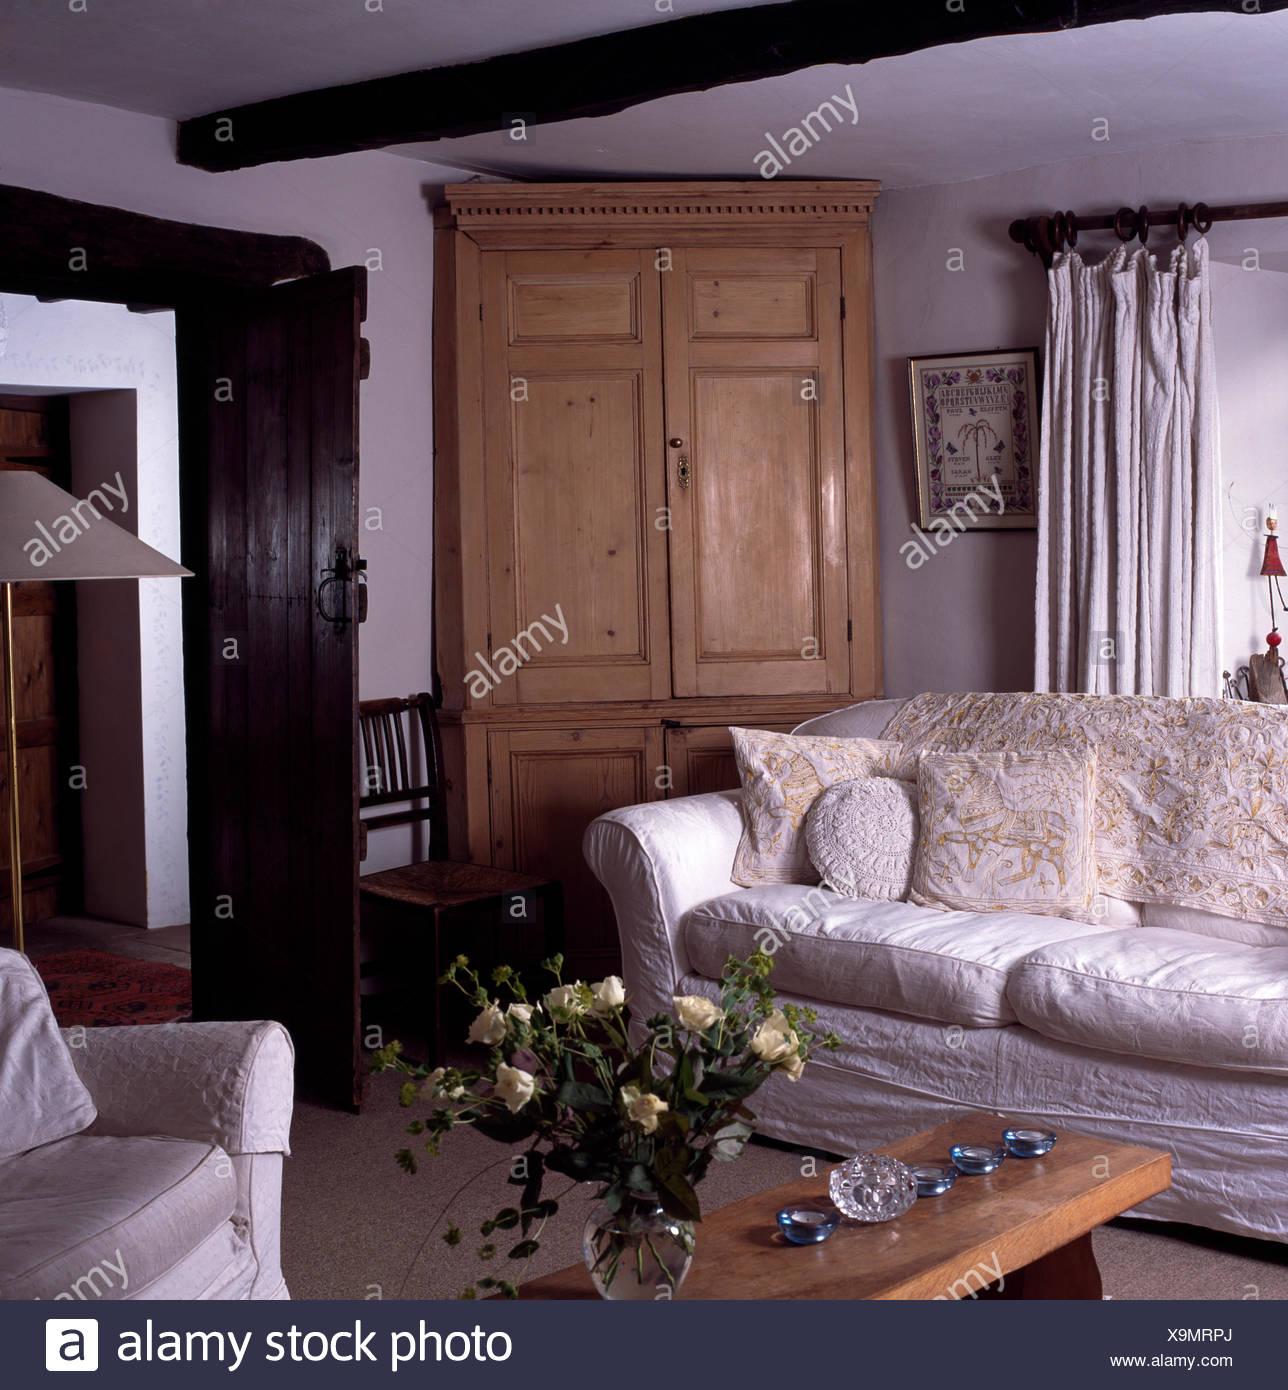 Weißen Losen Deckel Auf Sofa Im Landhaus Wohnzimmer Mit Großen Kiefer  Eckschrank